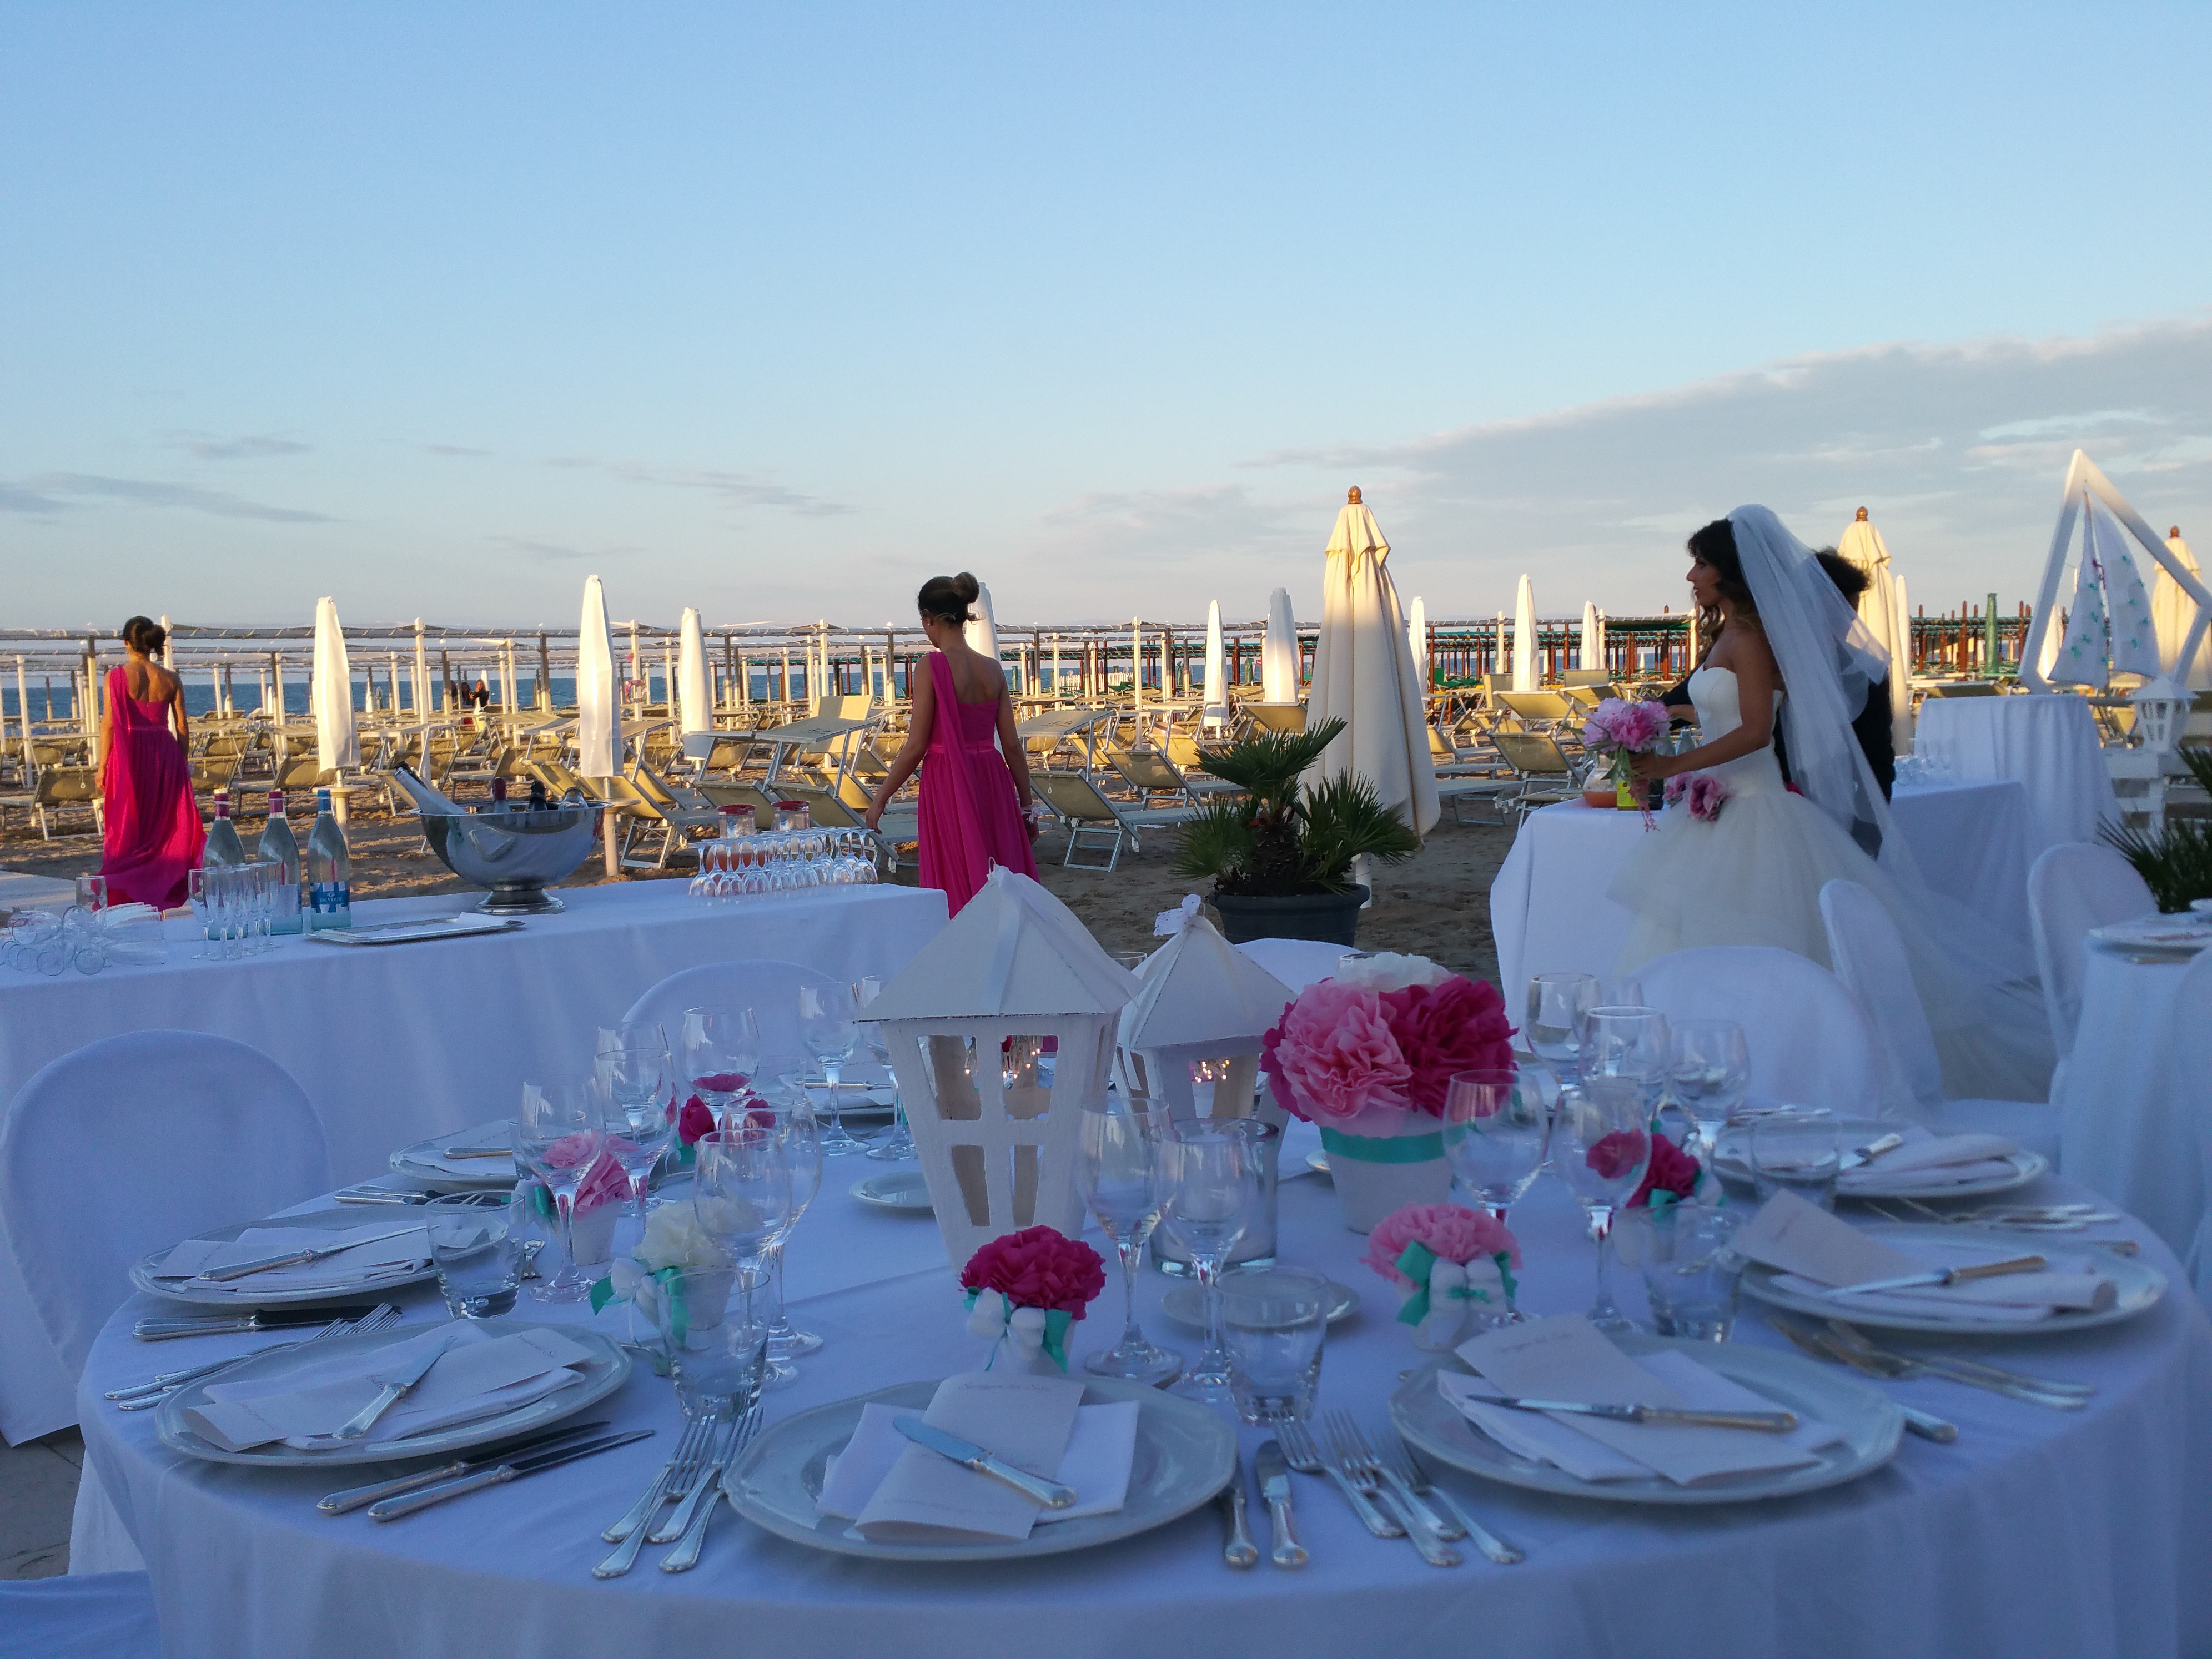 Matrimonio In Spiaggia Rimini : Matrimonio in spiaggia atlantic catering